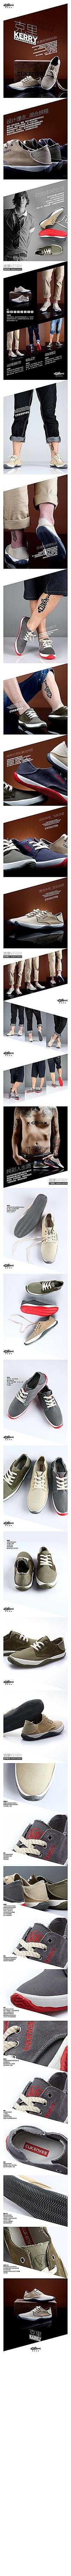 克里时尚休闲帆布鞋细节详情页PSD素材